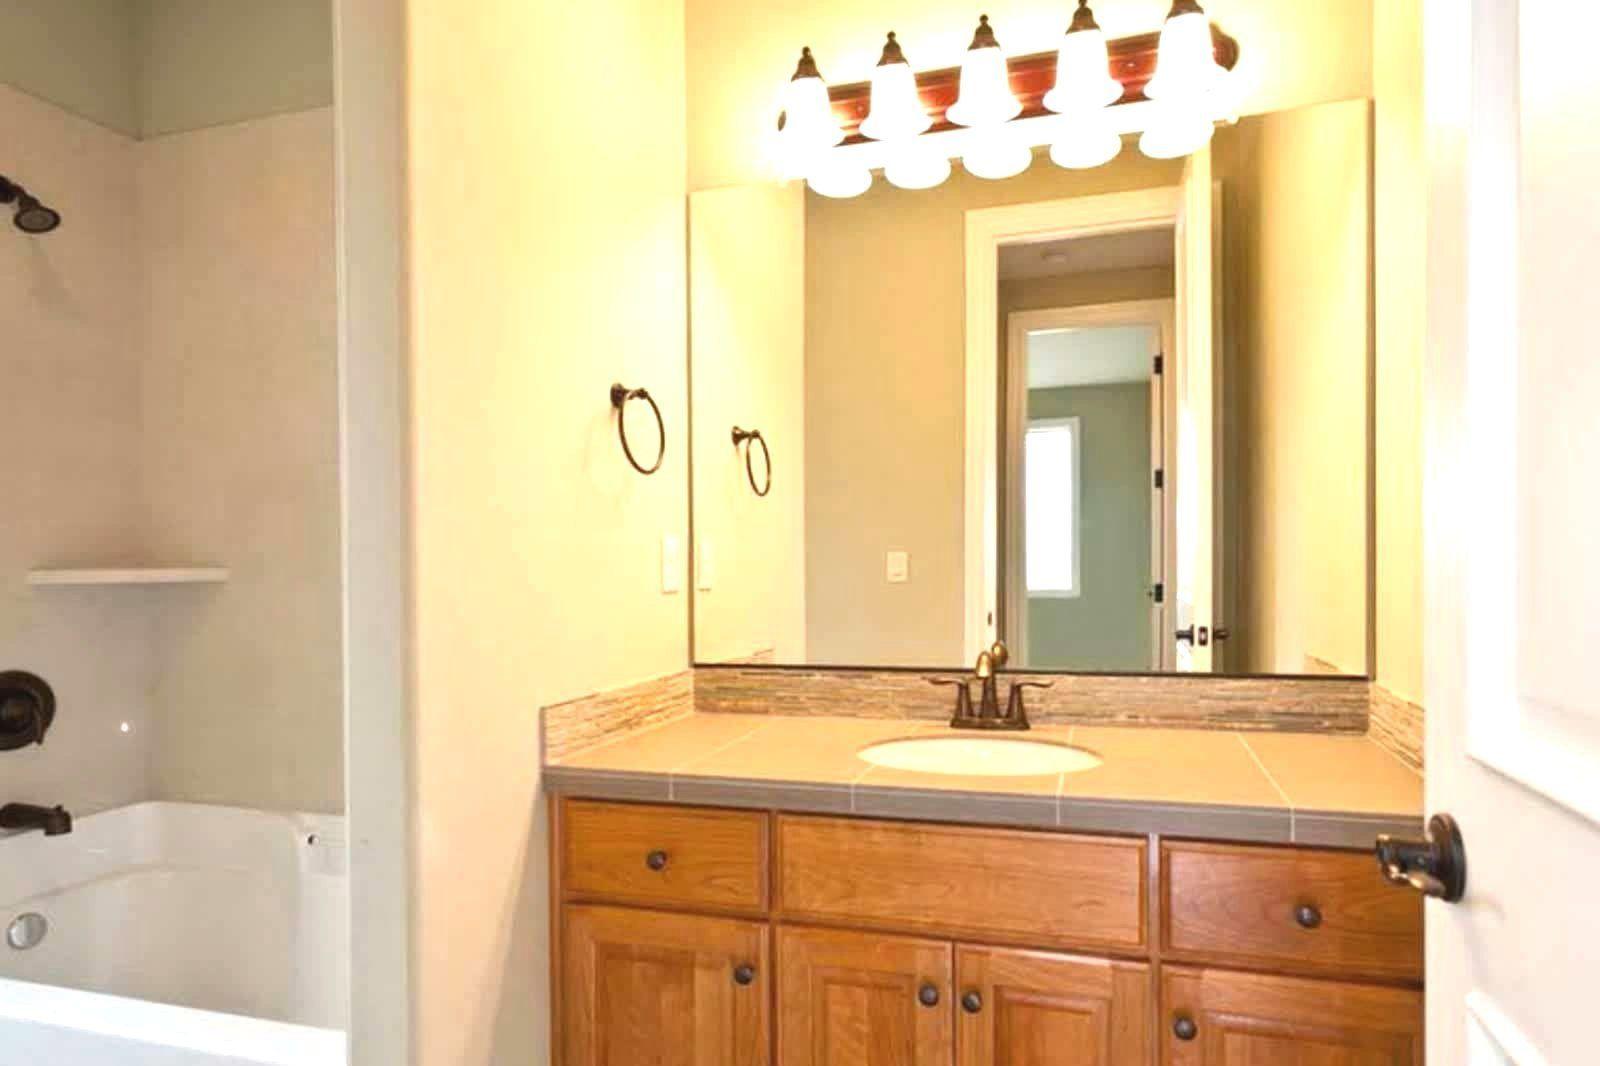 12 Bad Lampen Led Zum Ziemlich Badezimmer Led Lampe Best Deckenleuchte Eintagamsee Badezimmer Led Badezimmer Spiegelschrank Badezimmer